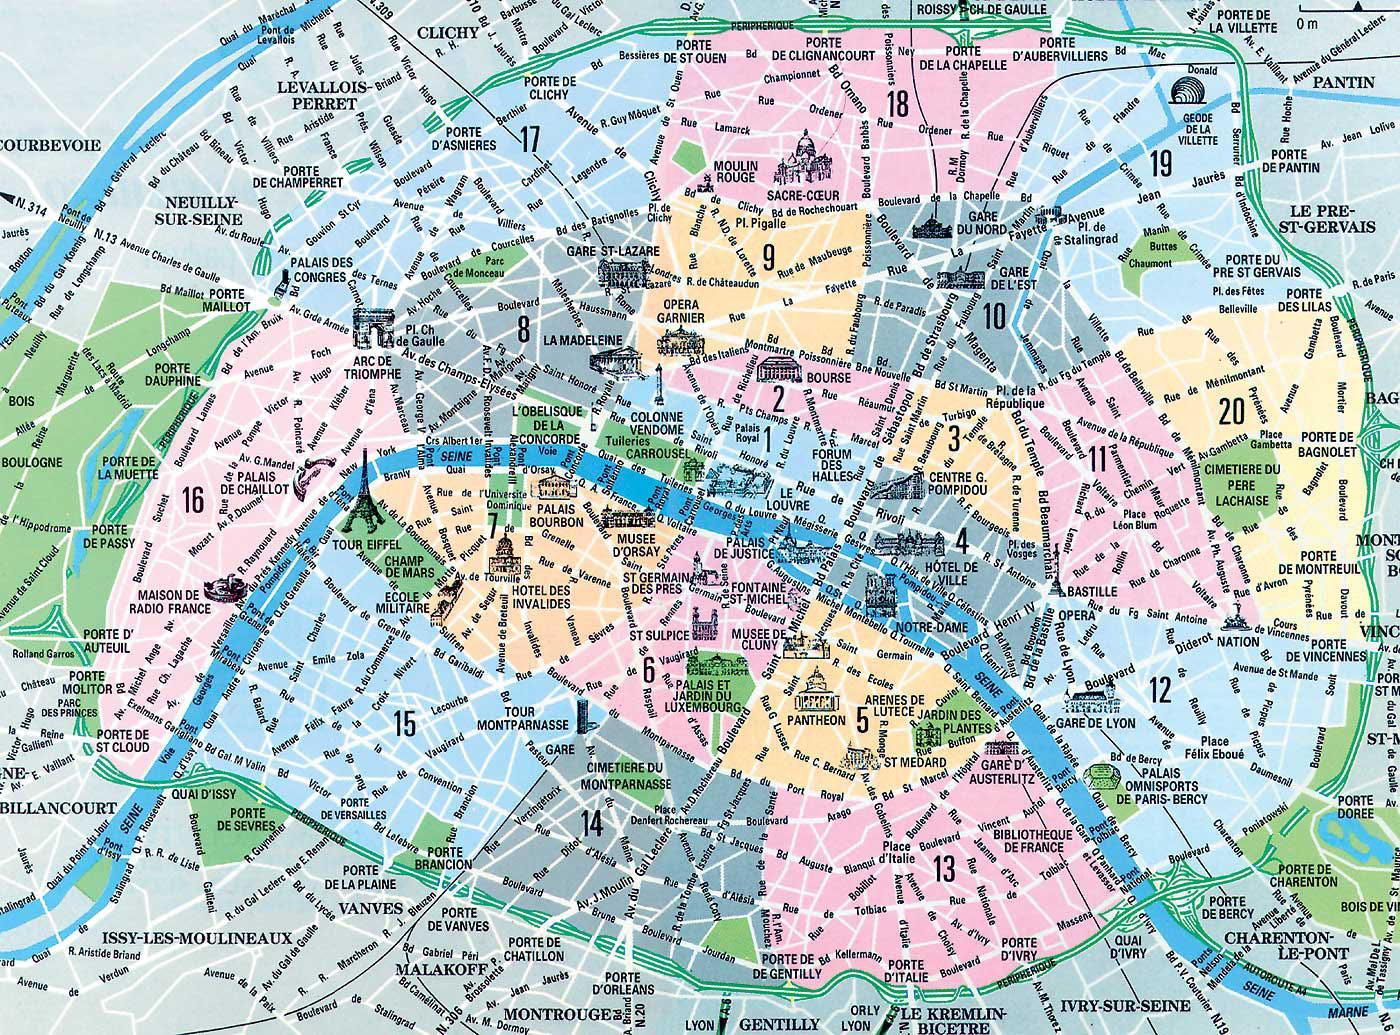 Parigi Cartina Arrondissement.La Mappa Dei Quartieri Di Parigi Mappa Di Parigi Francia Distretti Ile De France Francia